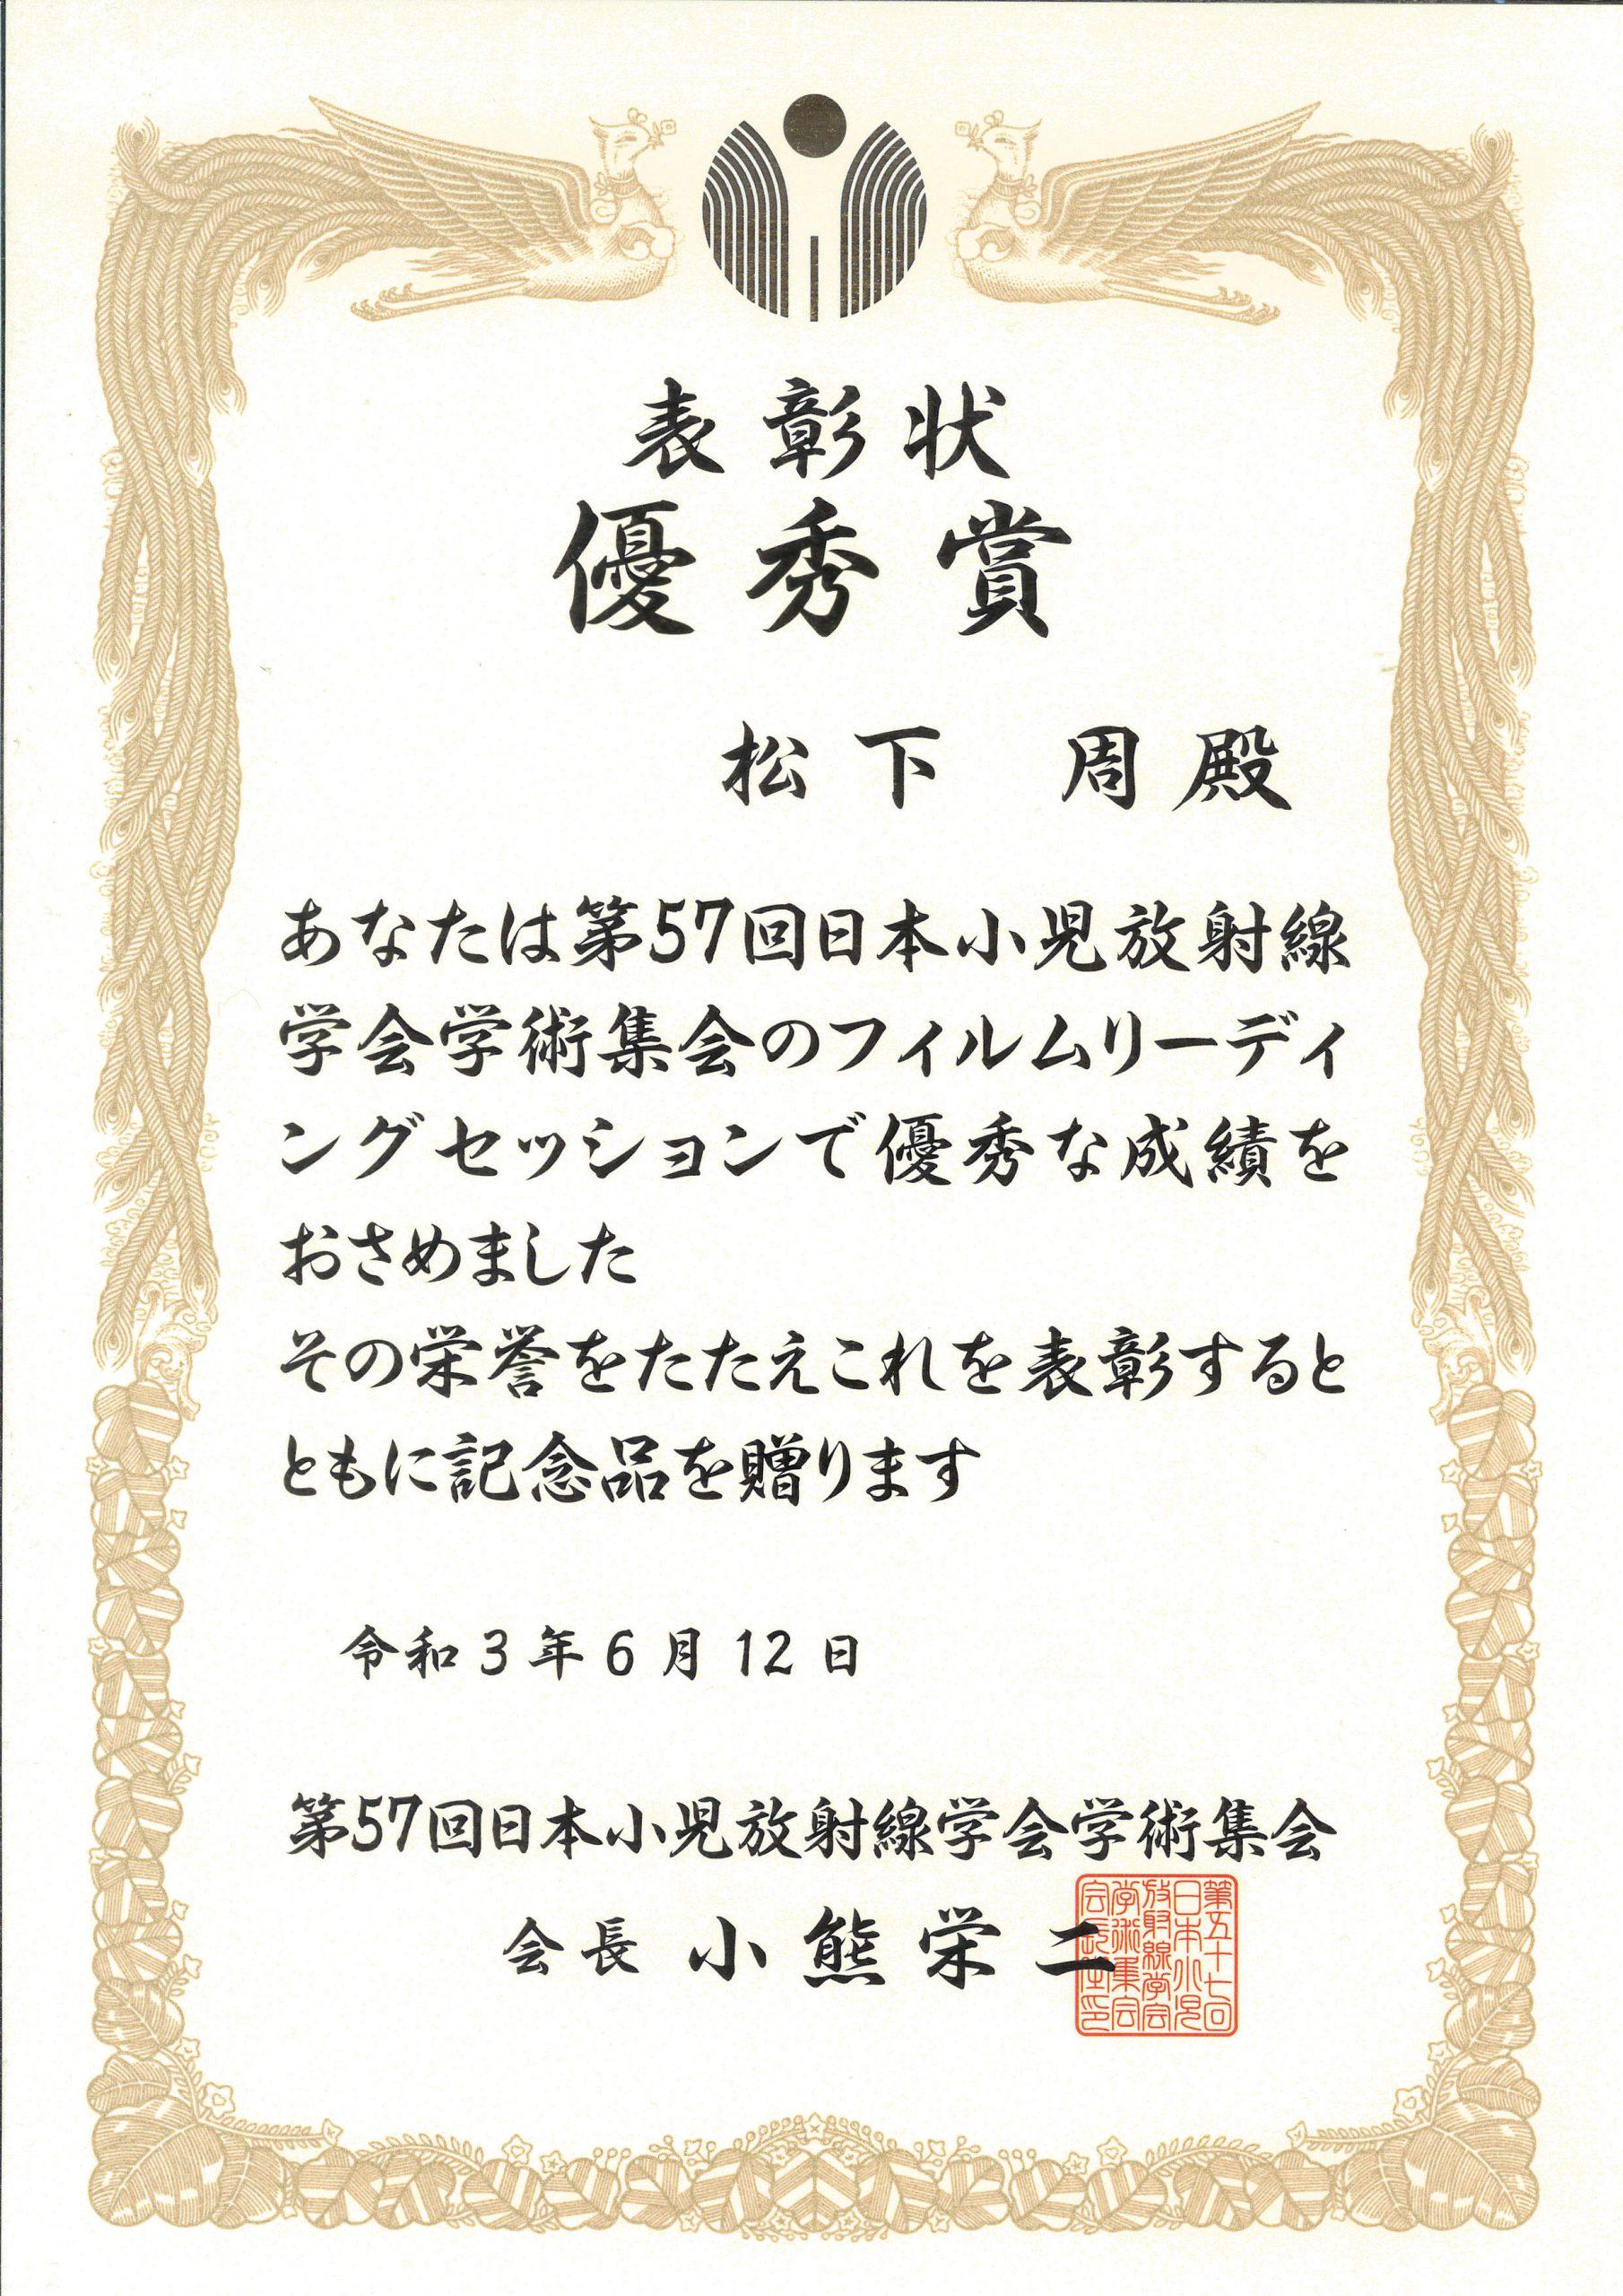 第57回日本小児放射線学会学術集会にて受賞